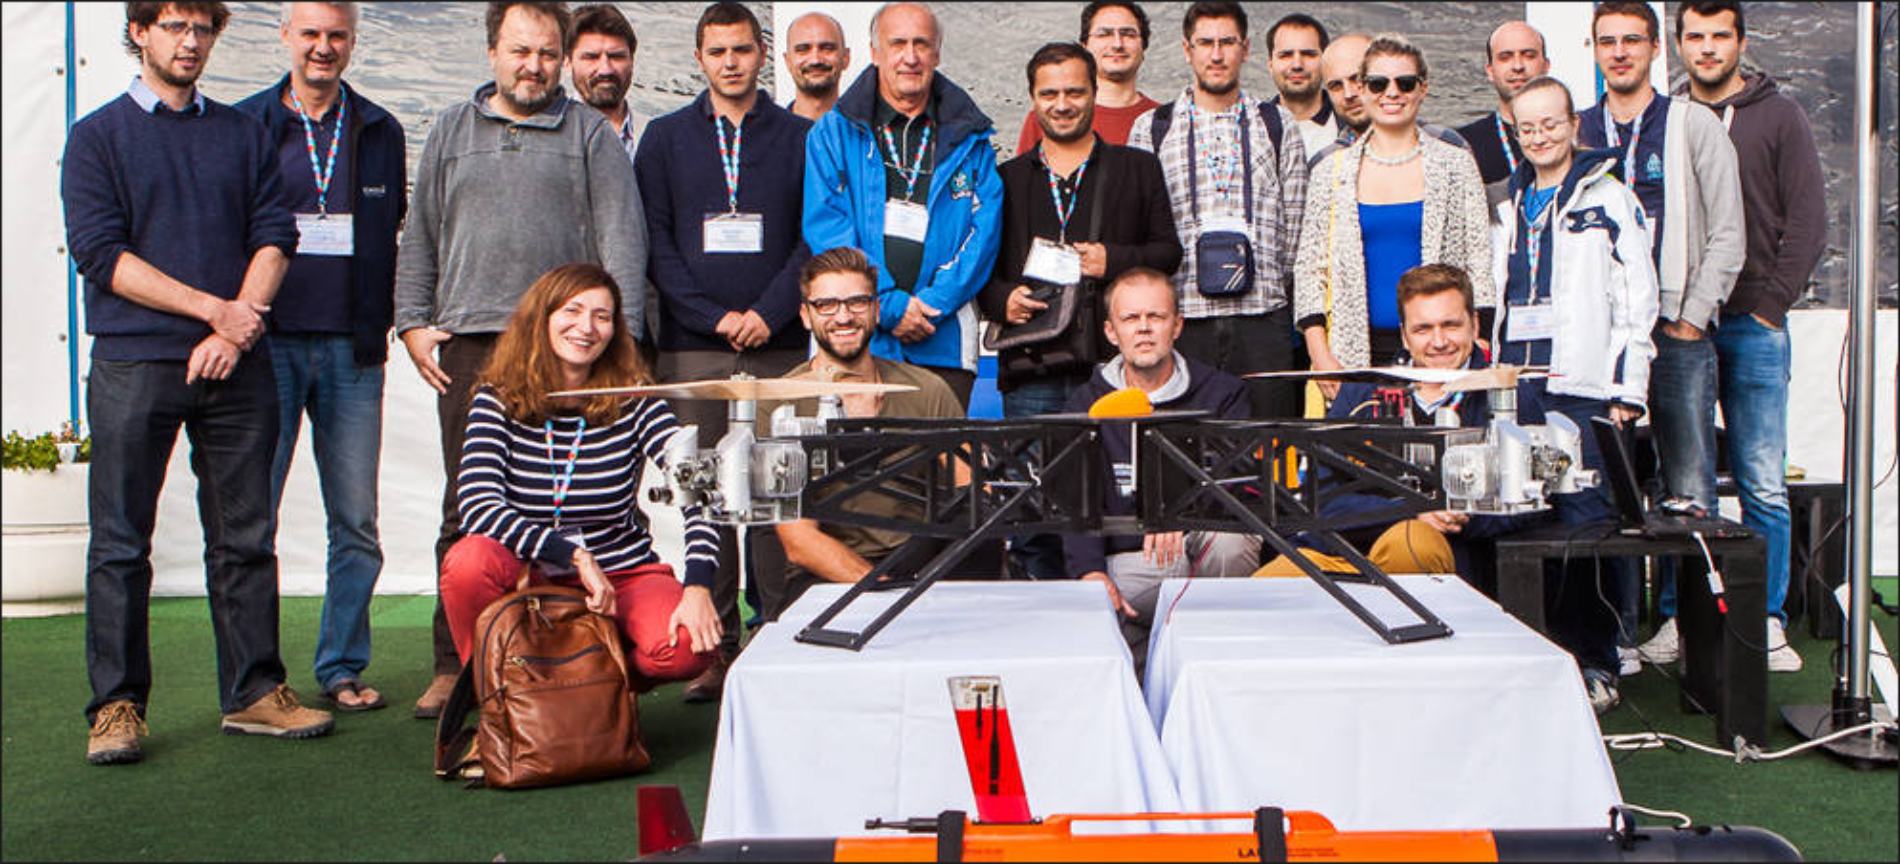 Naučnici iz Bosne i Hercegovine, RH i Irske zajednički prave najveći robotski dron na svijetu